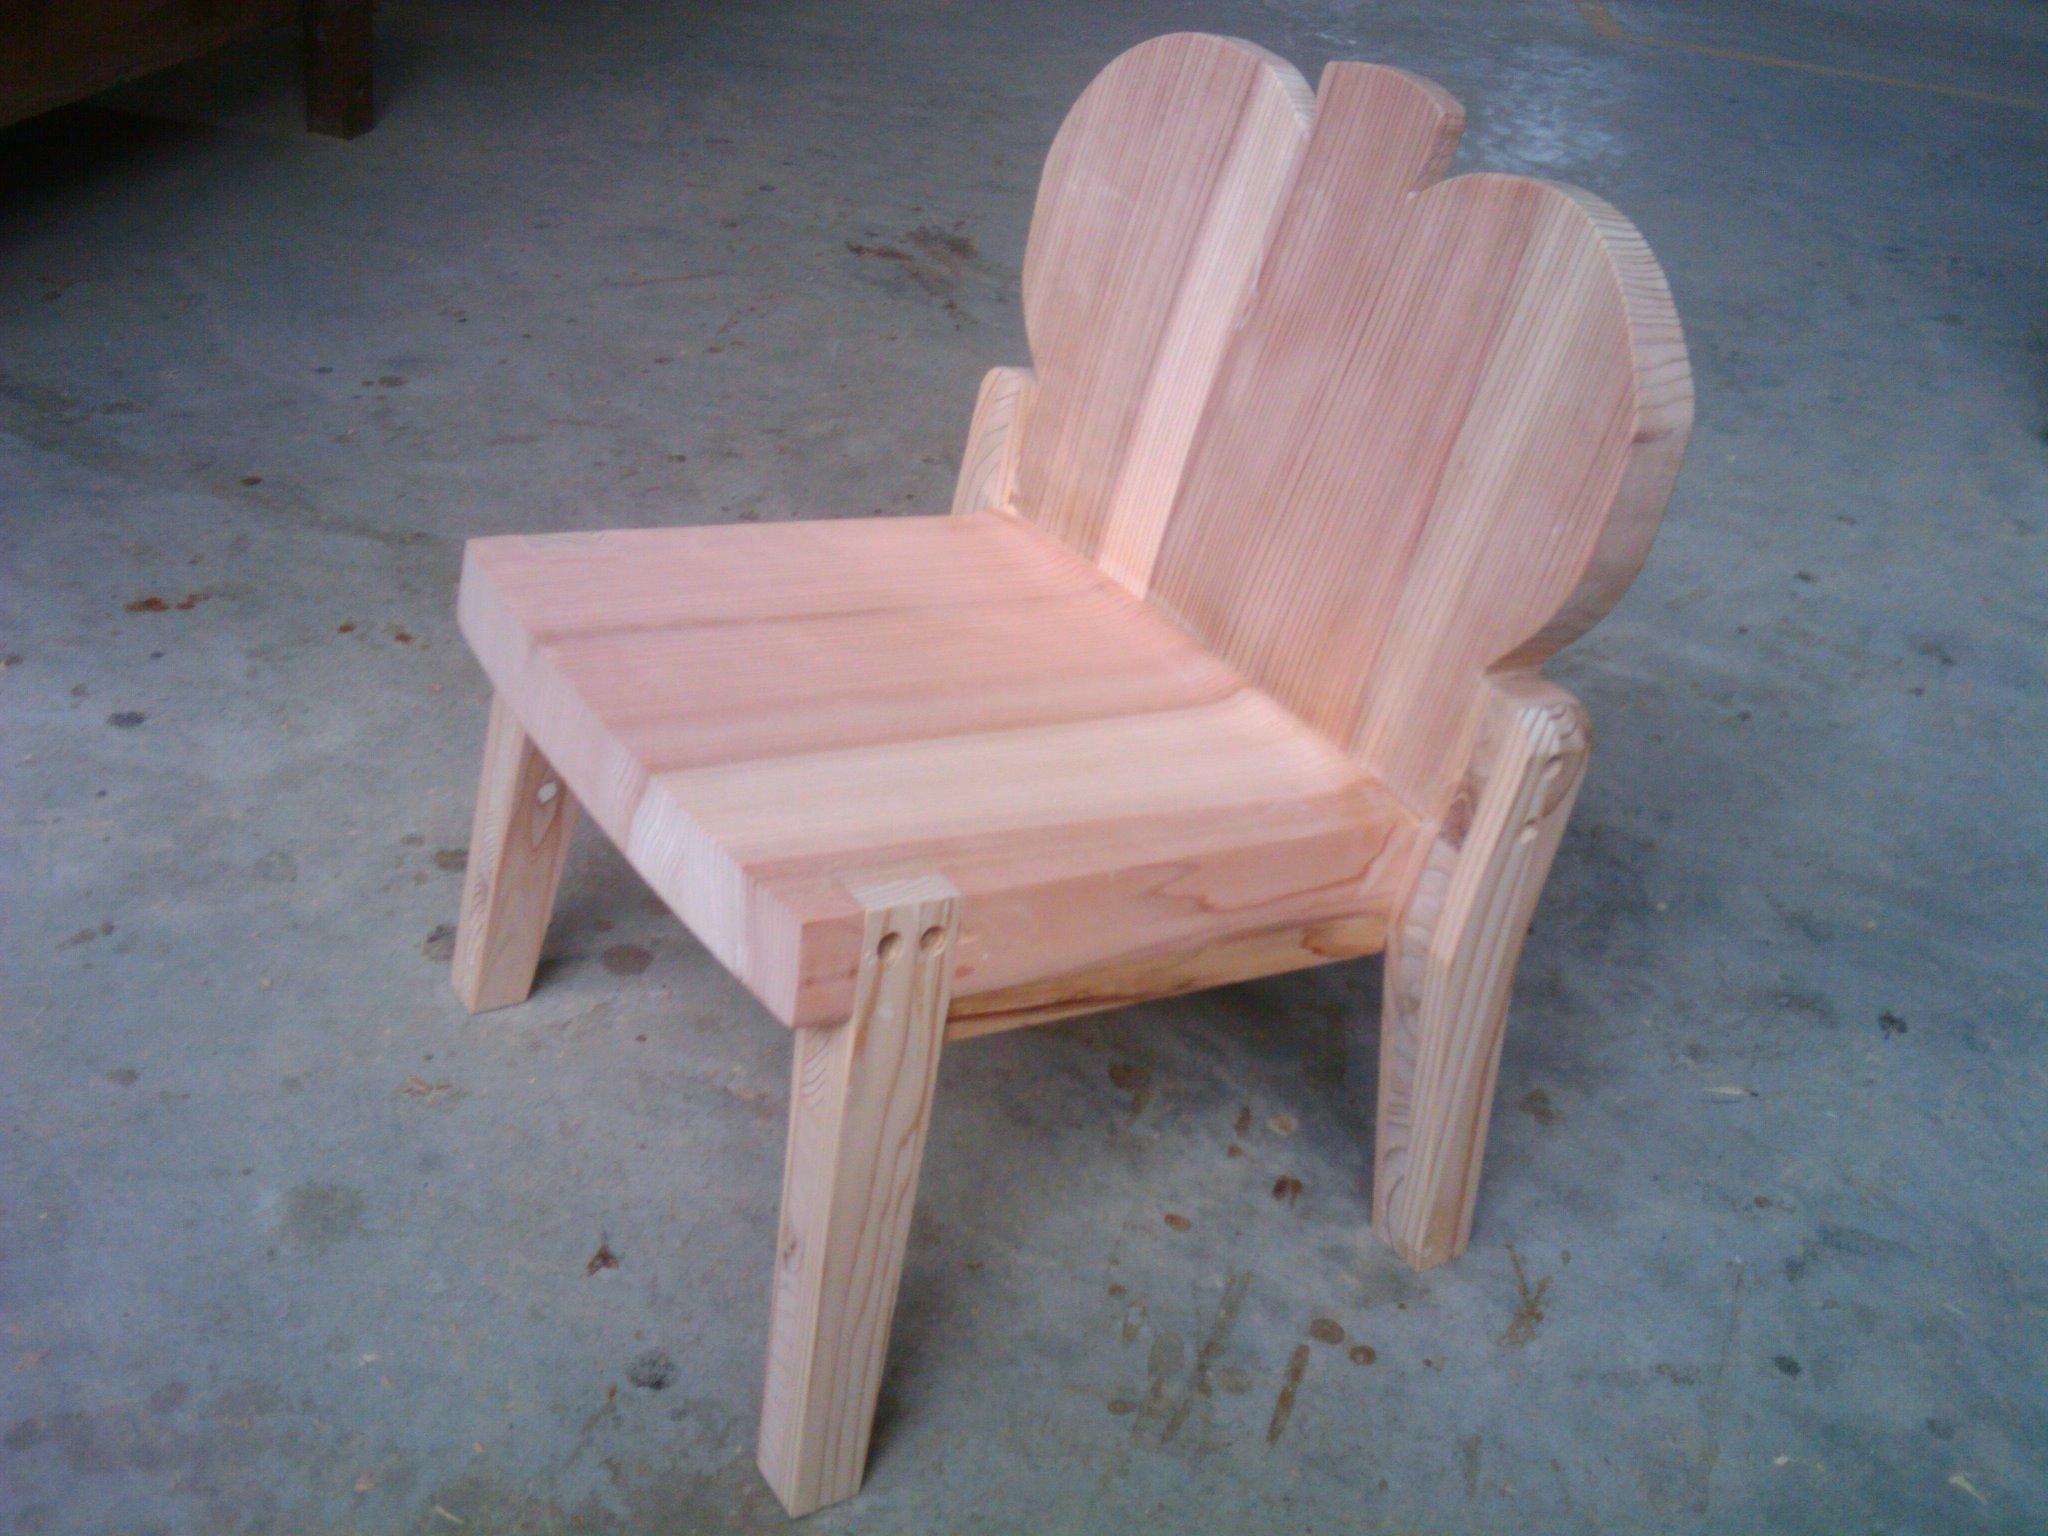 すぎ子供椅子、食パン_f0192307_14294680.jpg